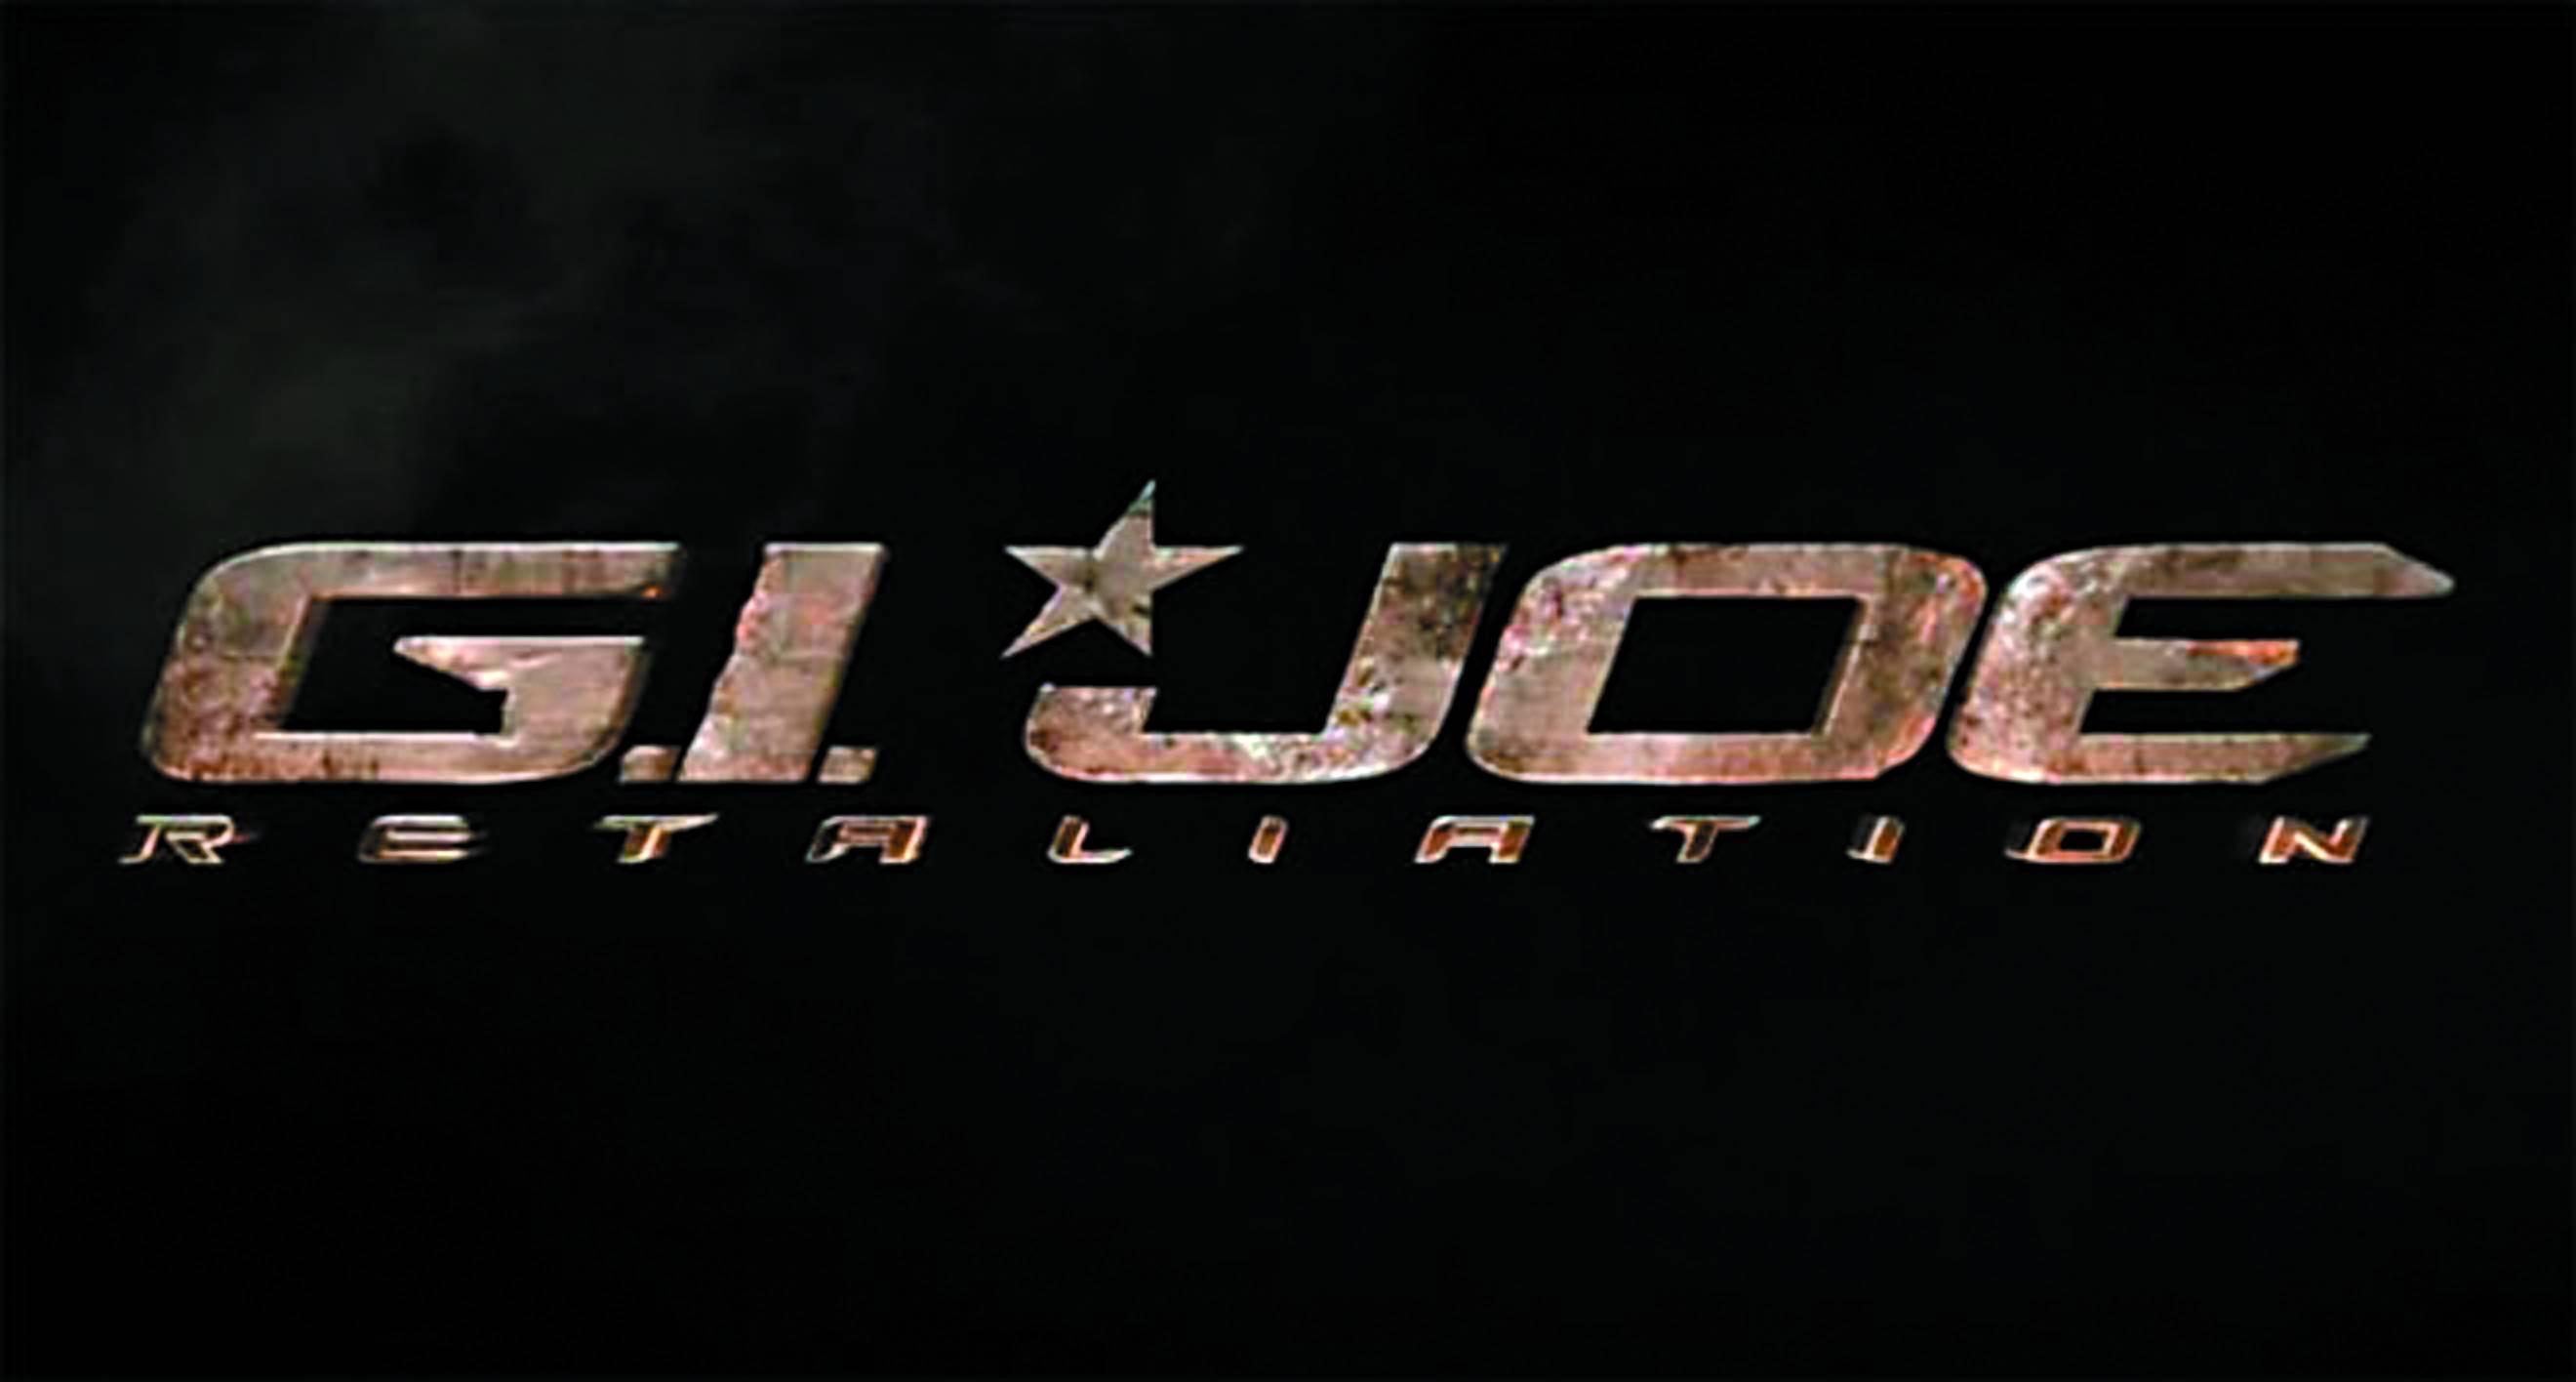 Images Of Gi Joe Retaliation Logo Wallpaper Hd Wallpaper Wallpaper 2640x1416